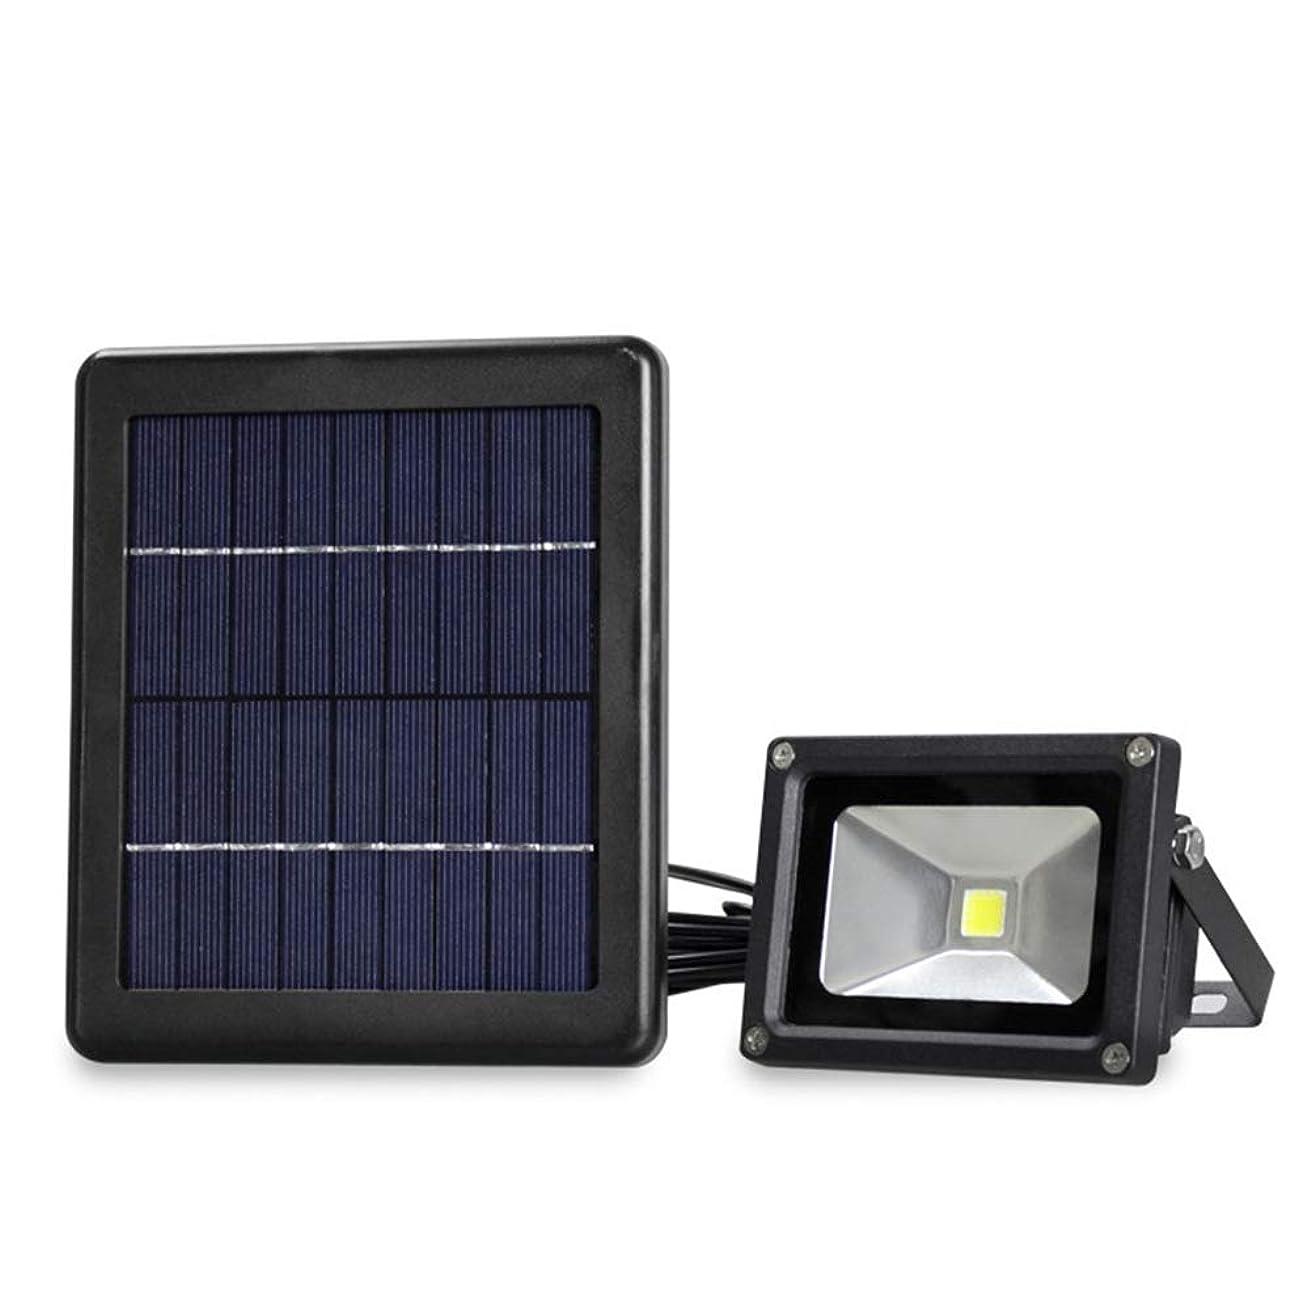 発信植生選挙太陽統合LEDフラッドライト、白熱40W、屋外IP65防水芝生ライト、ガーデンガレージパスウェイ用セキュリティ照明器具に相当